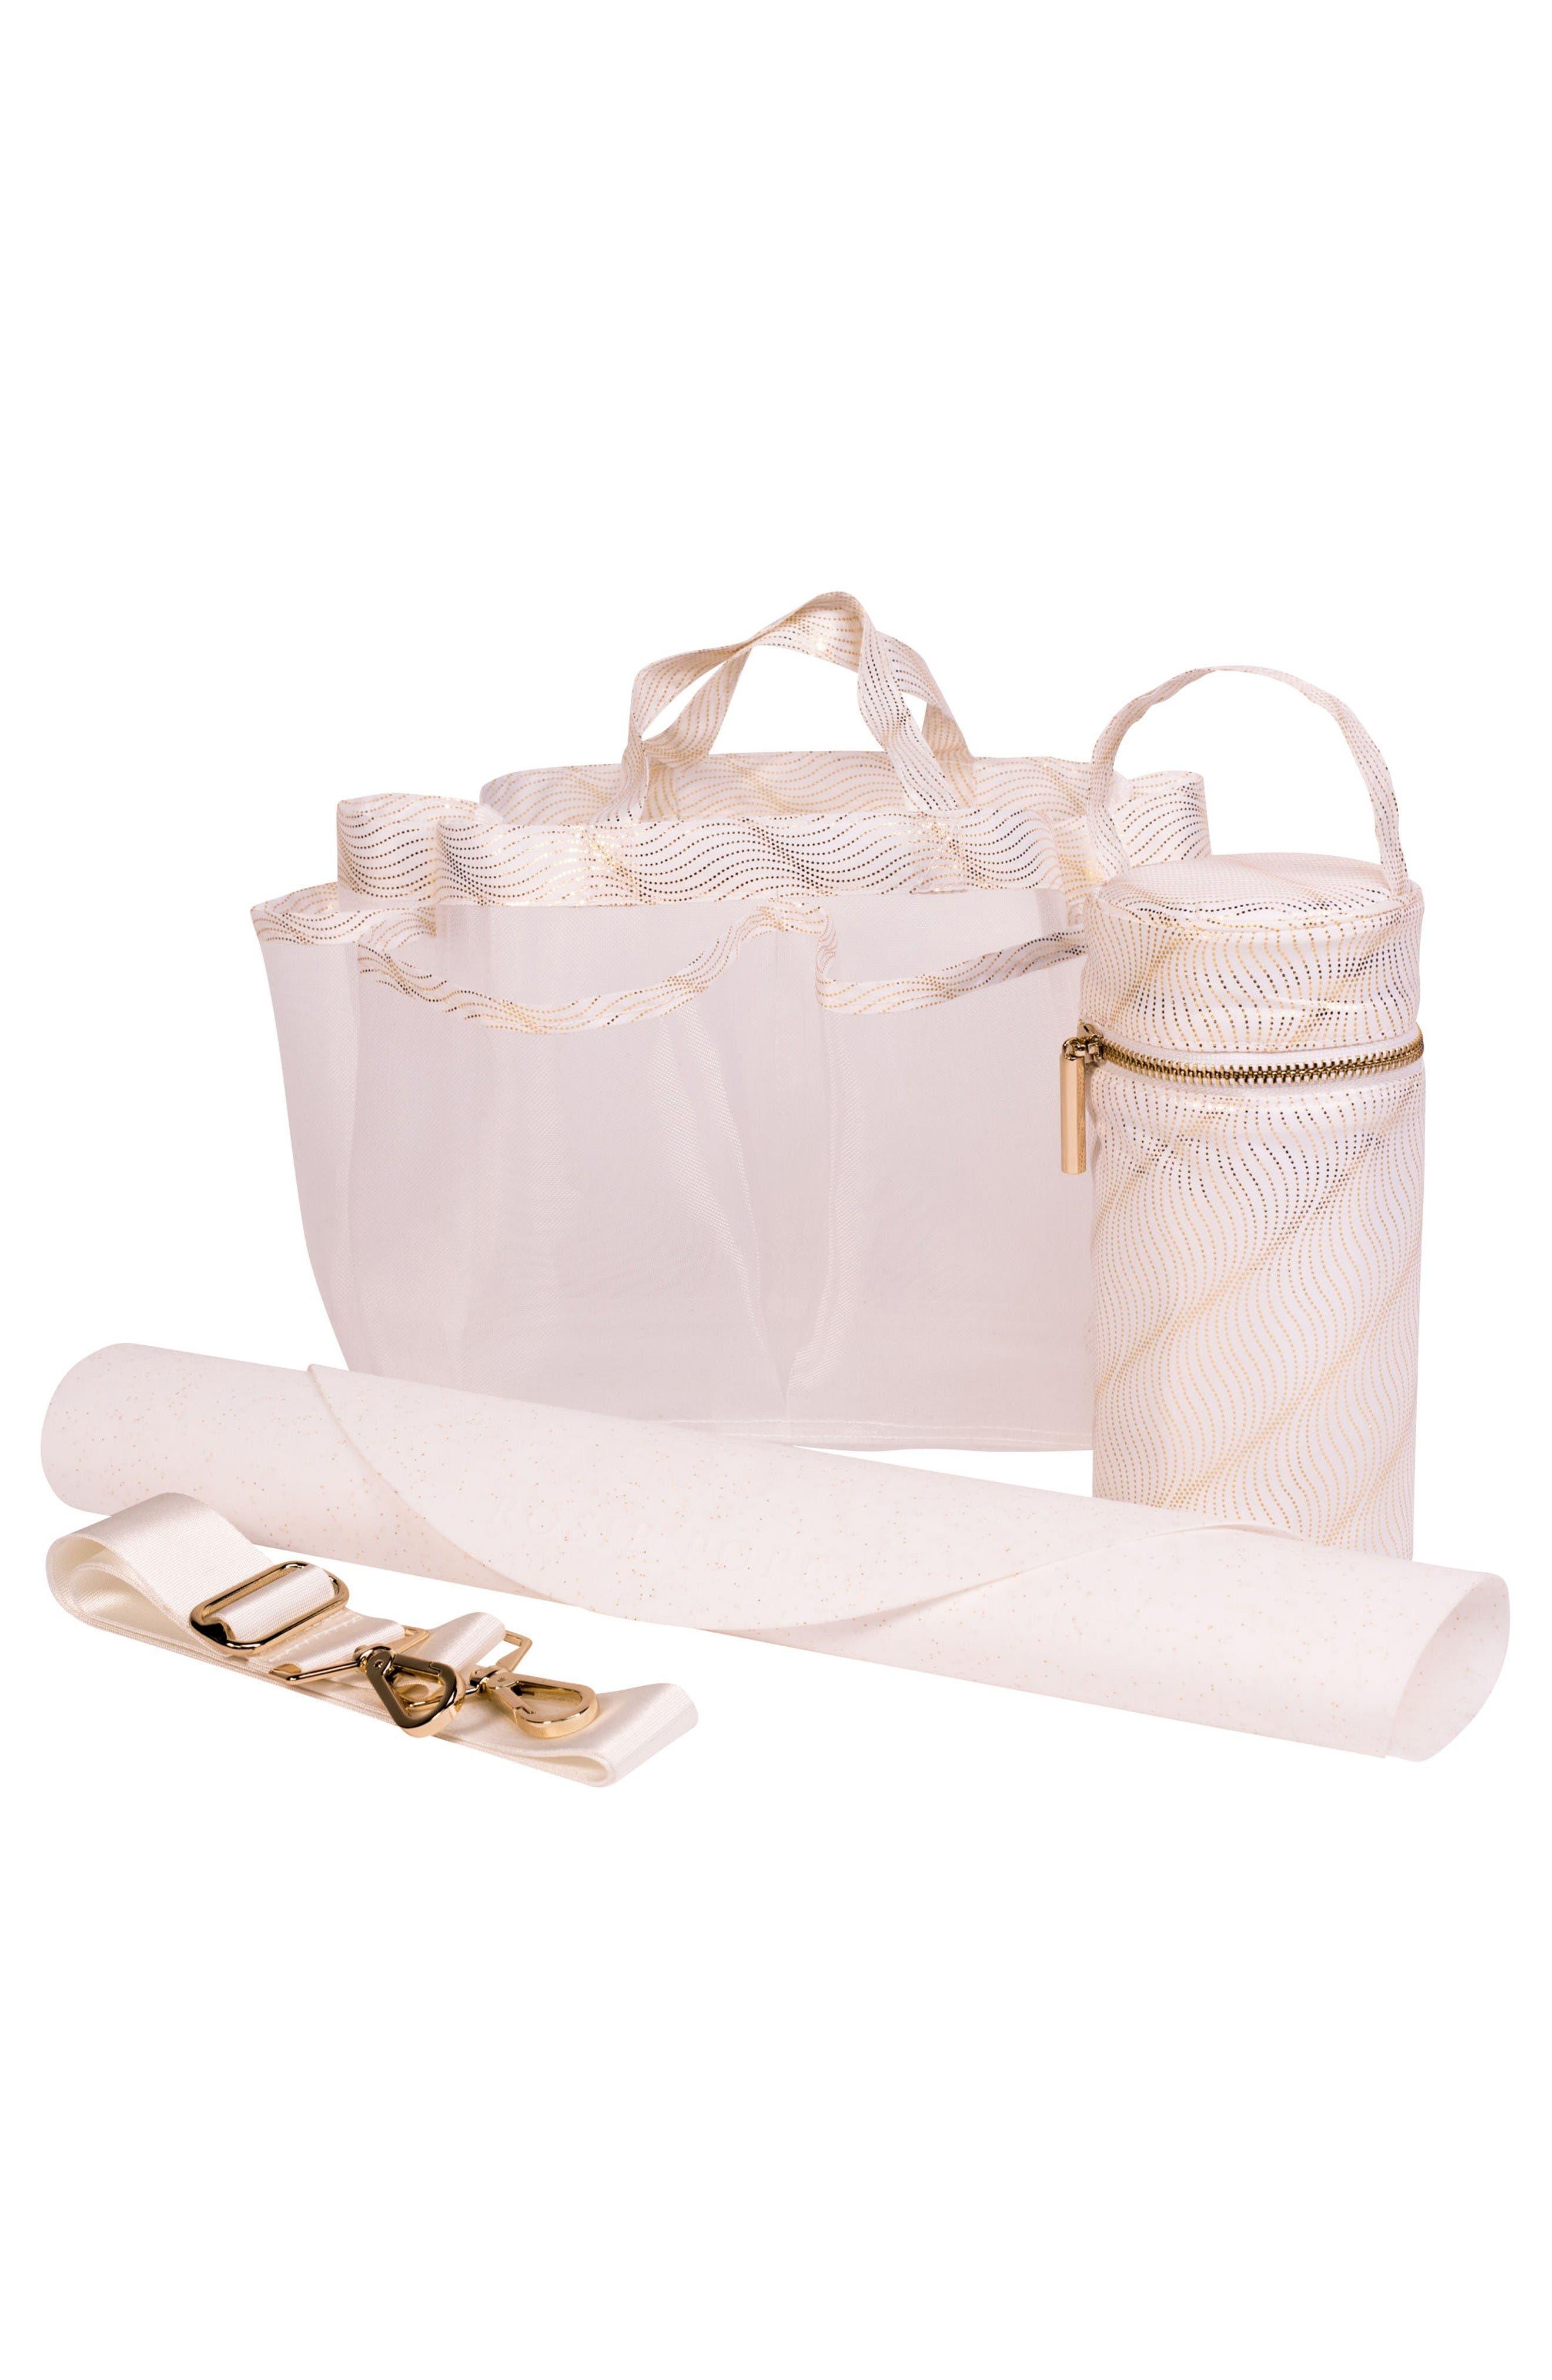 Sloane Diaper Bag,                             Alternate thumbnail 7, color,                             Neutral/ White